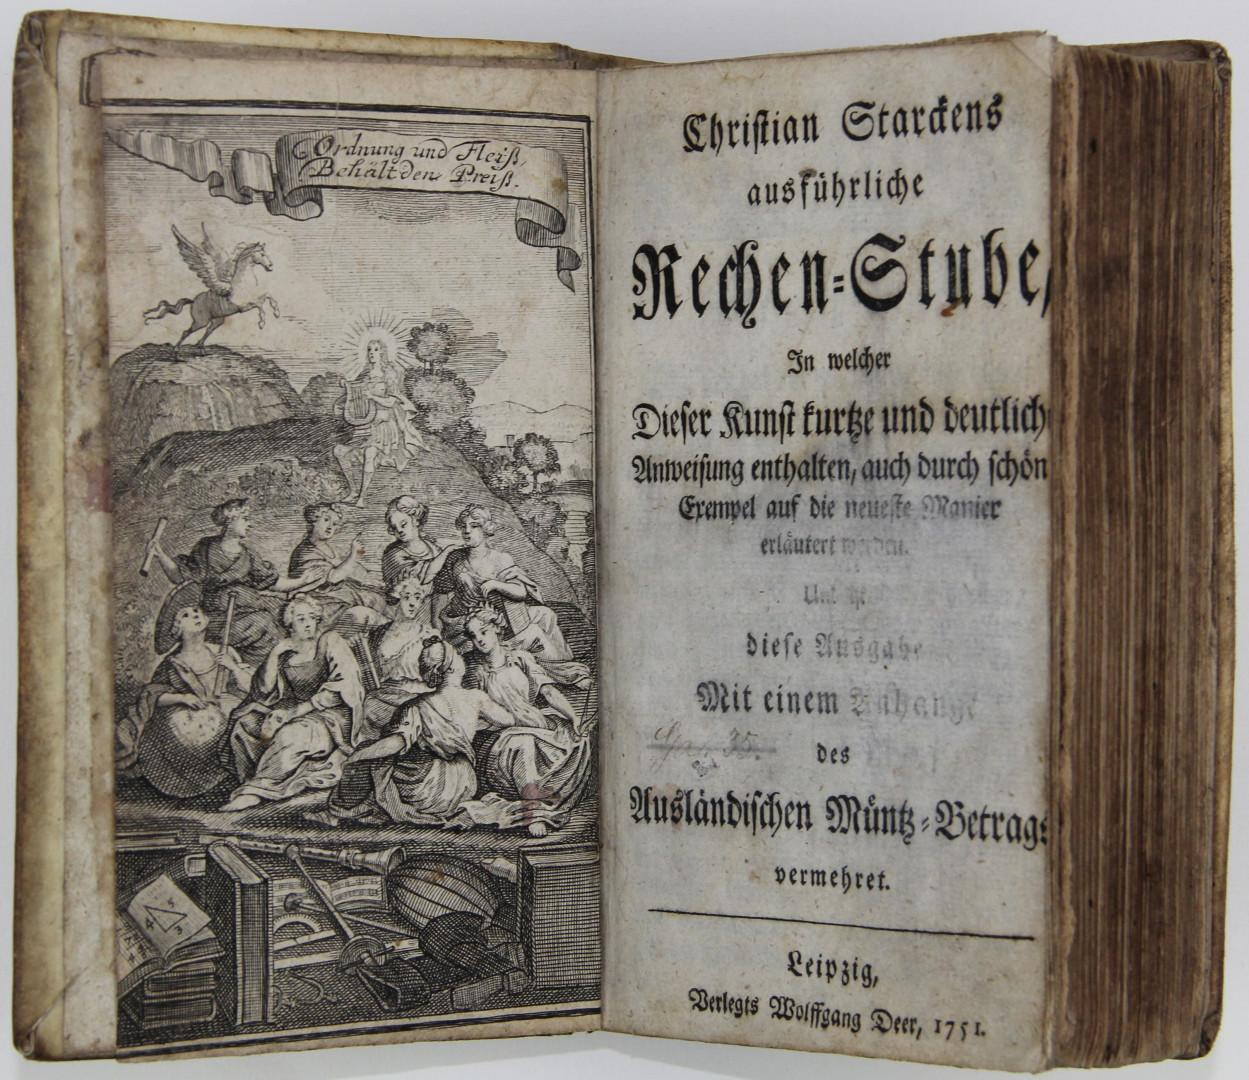 Vialibri Rare Books From 1751 Page 1